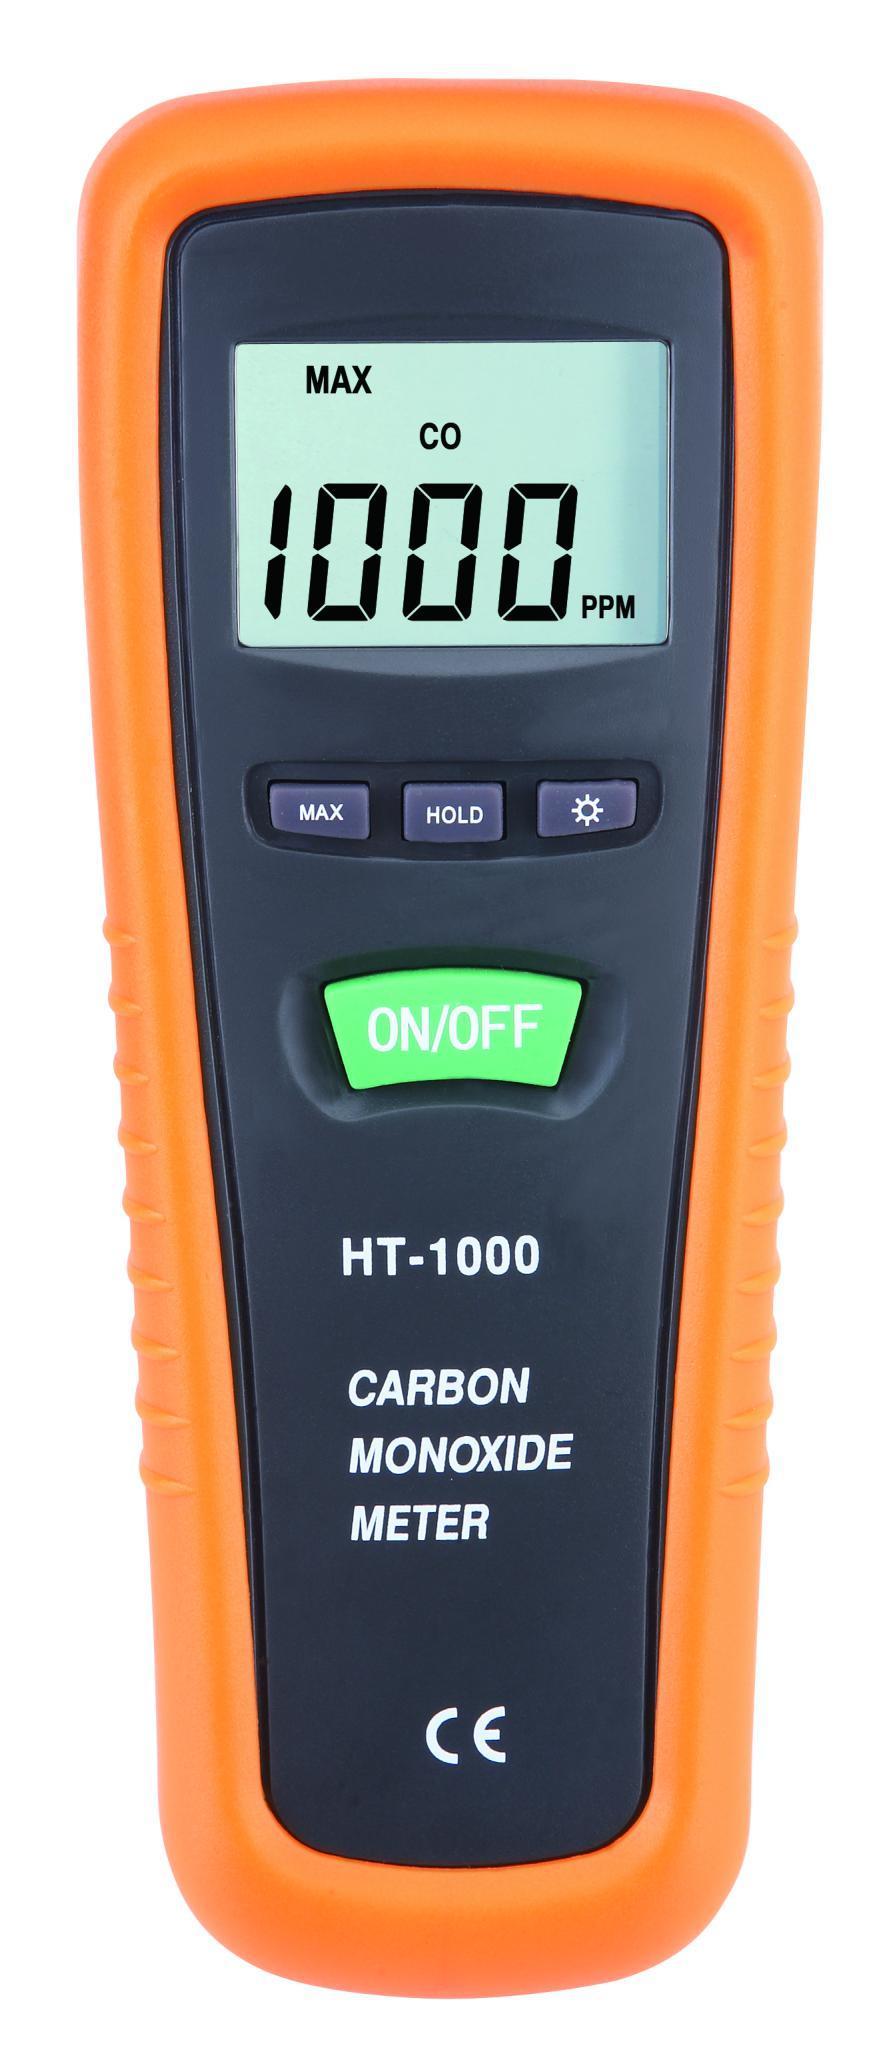 HT-1000 Carbon Monoxide Meter